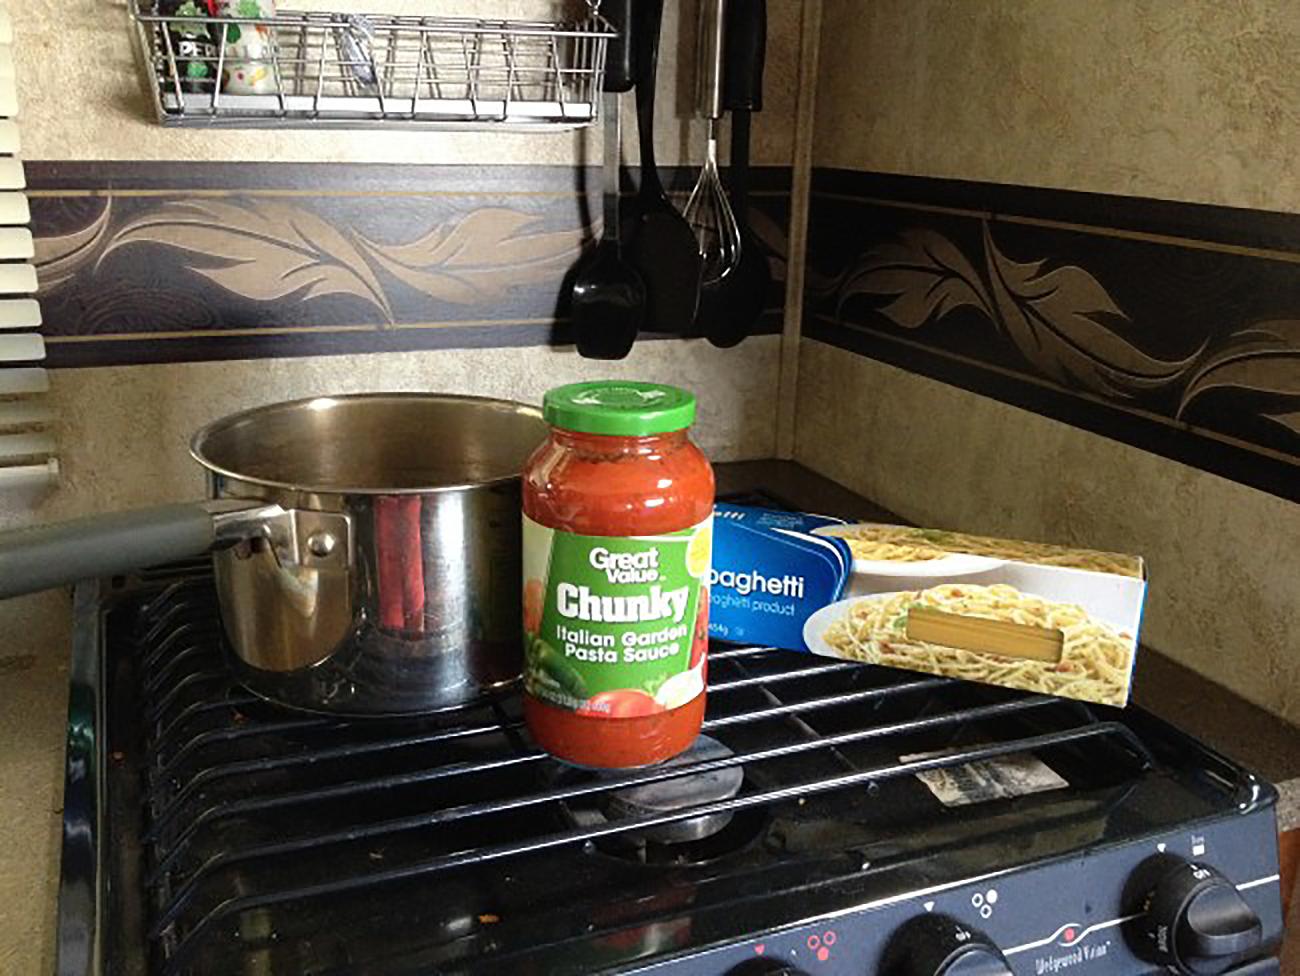 One pot spaghetti in the camper